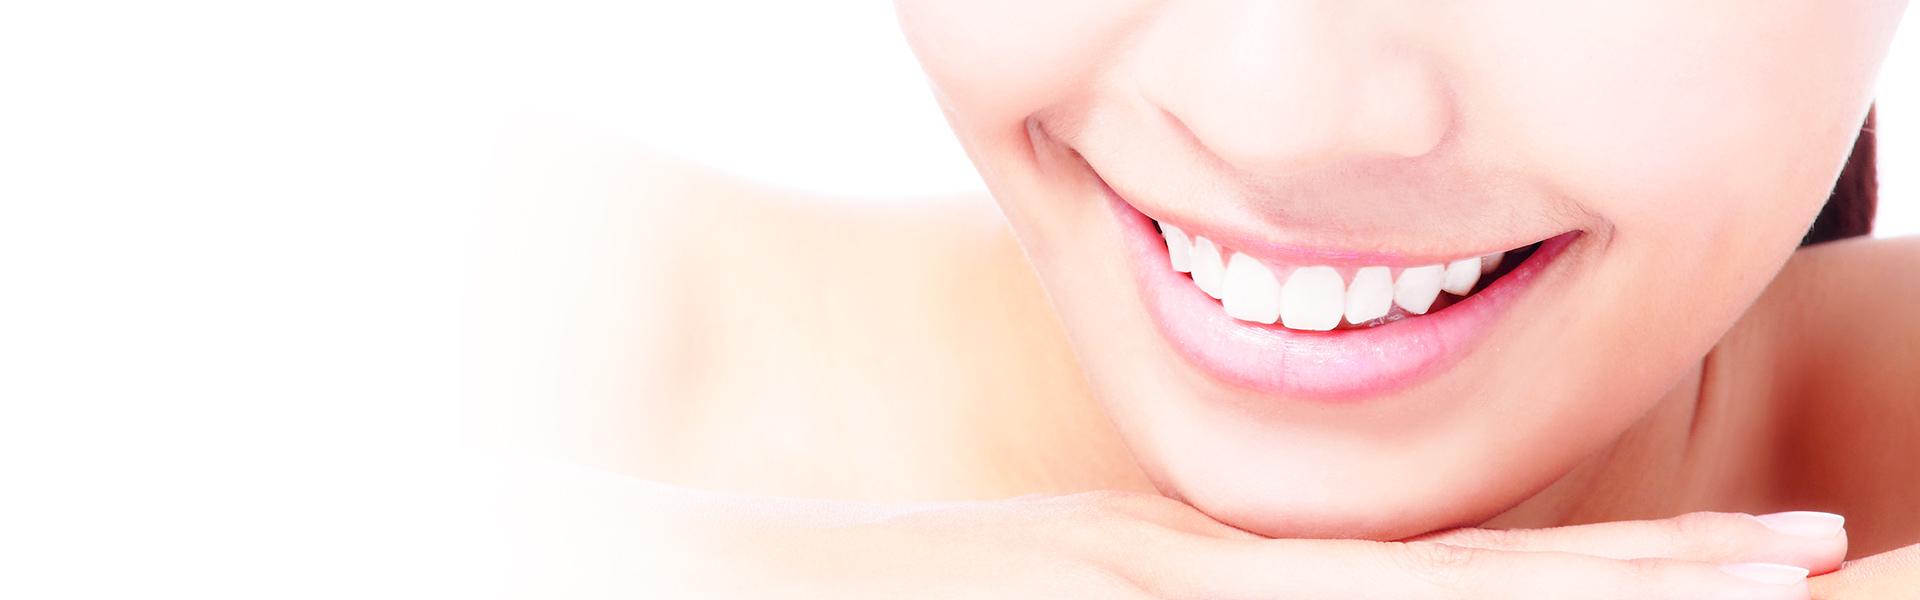 あなたの歯を、キレイに美しく。